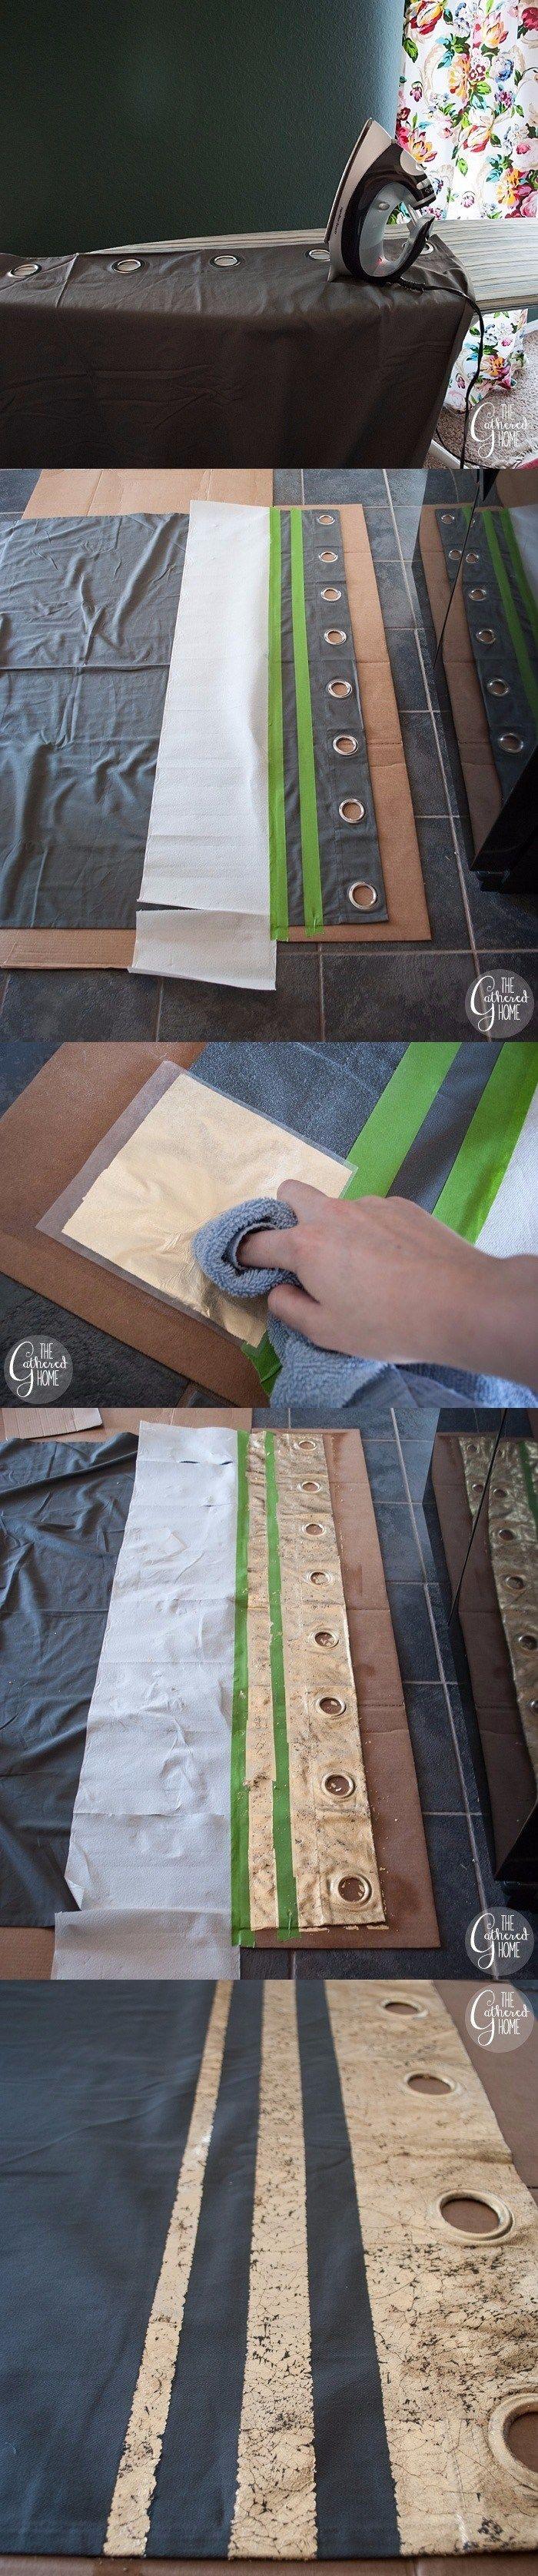 Toque dorado para renovar tus cortinas - thegatheredhome.com - DIY Gold Leaf Embellished Curtains